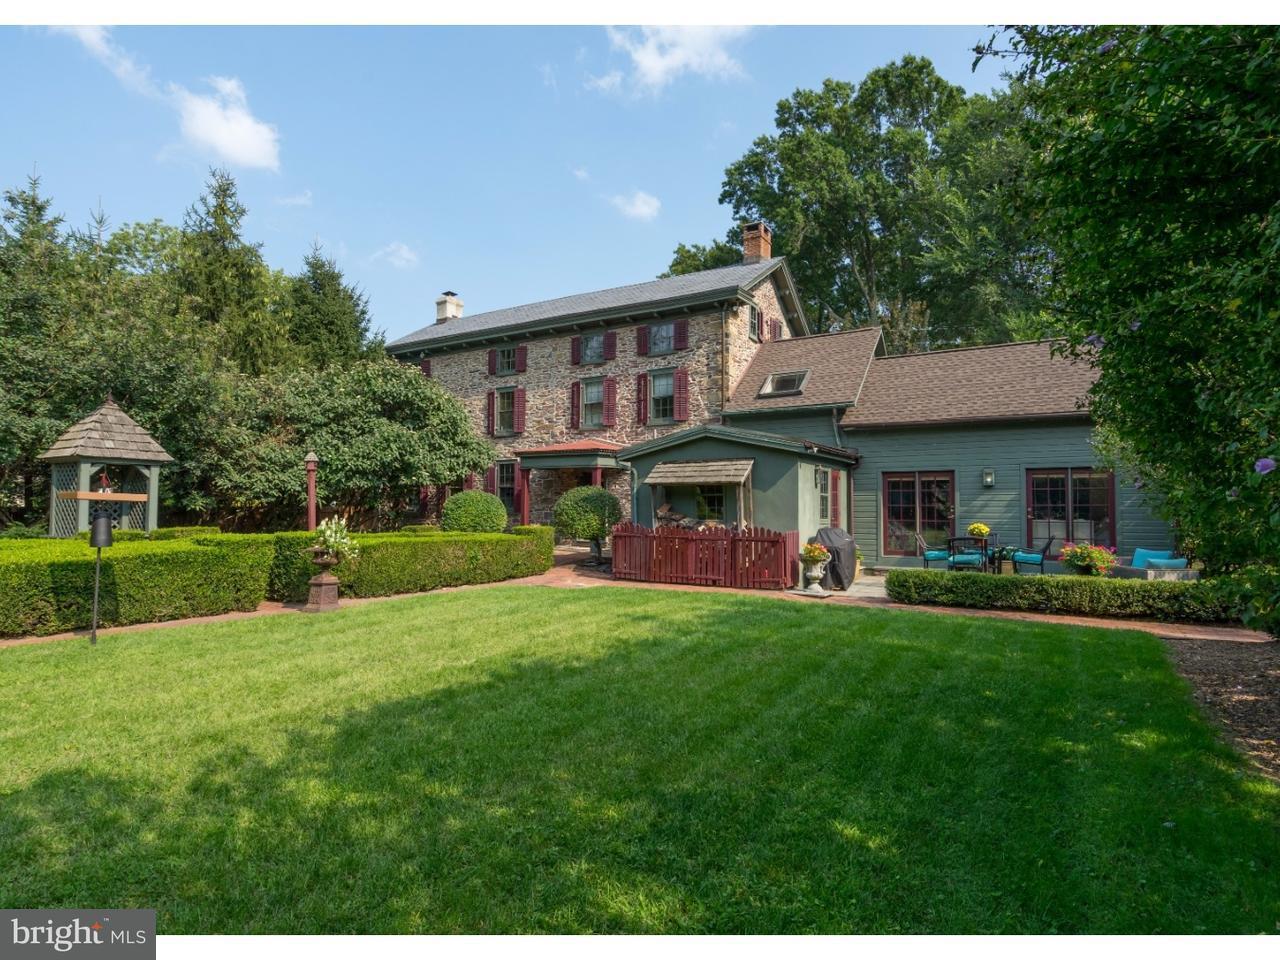 Частный односемейный дом для того Продажа на 3296 LOWER MOUNTAIN Road Furlong, Пенсильвания 18925 Соединенные Штаты